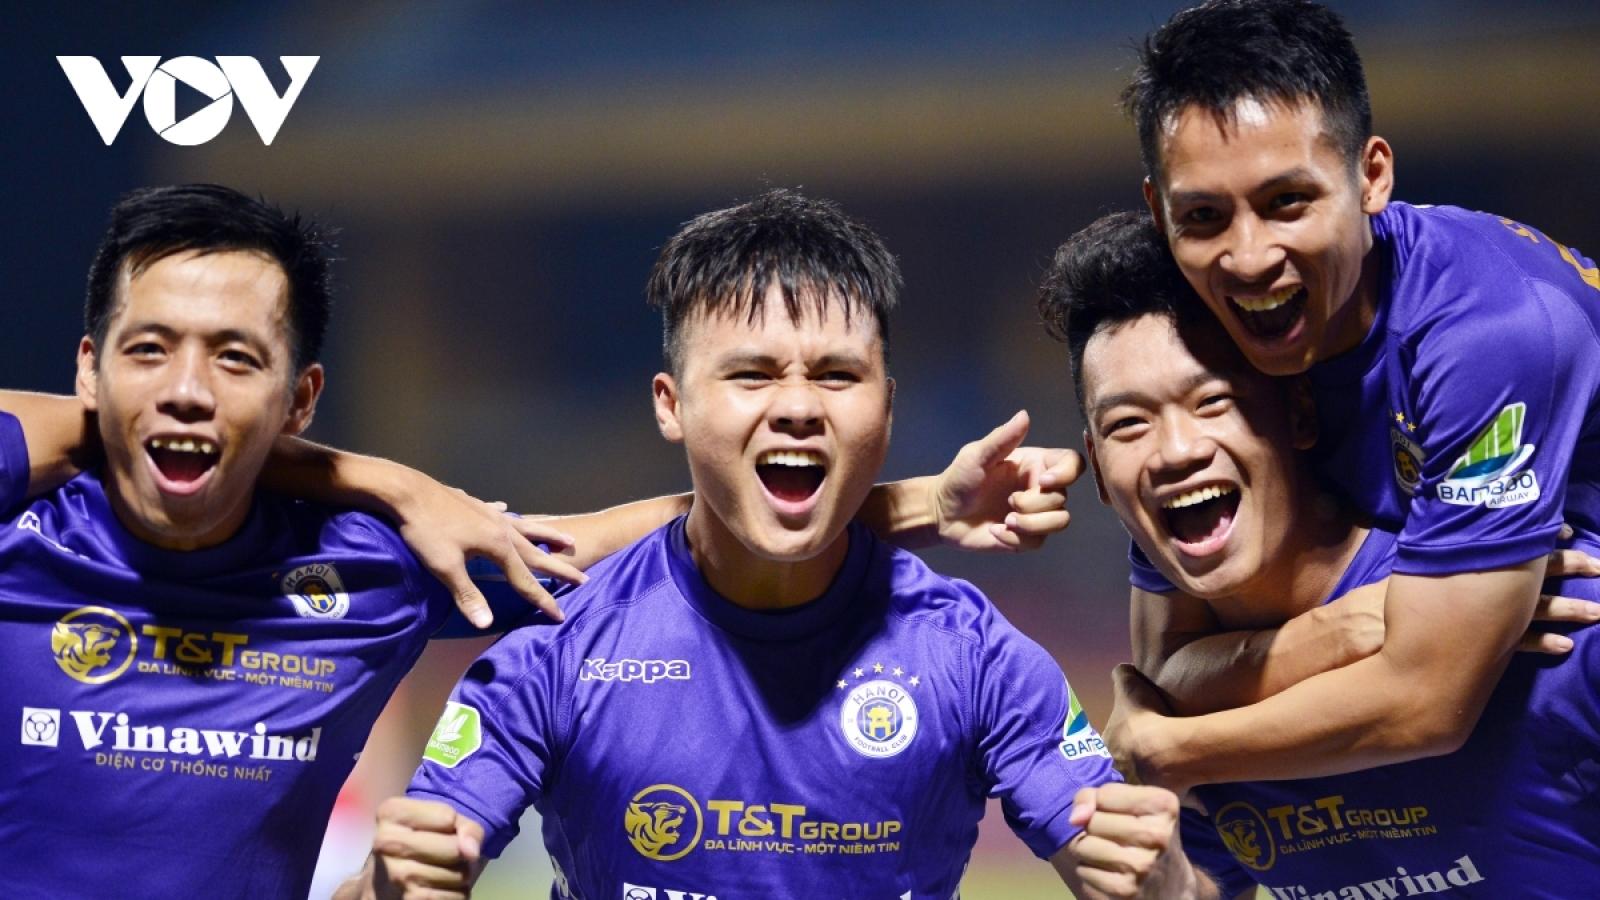 VPF đề nghị tiêm vaccine sớm cho cầu thủ của Hà Nội, Sài Gòn và Viettel